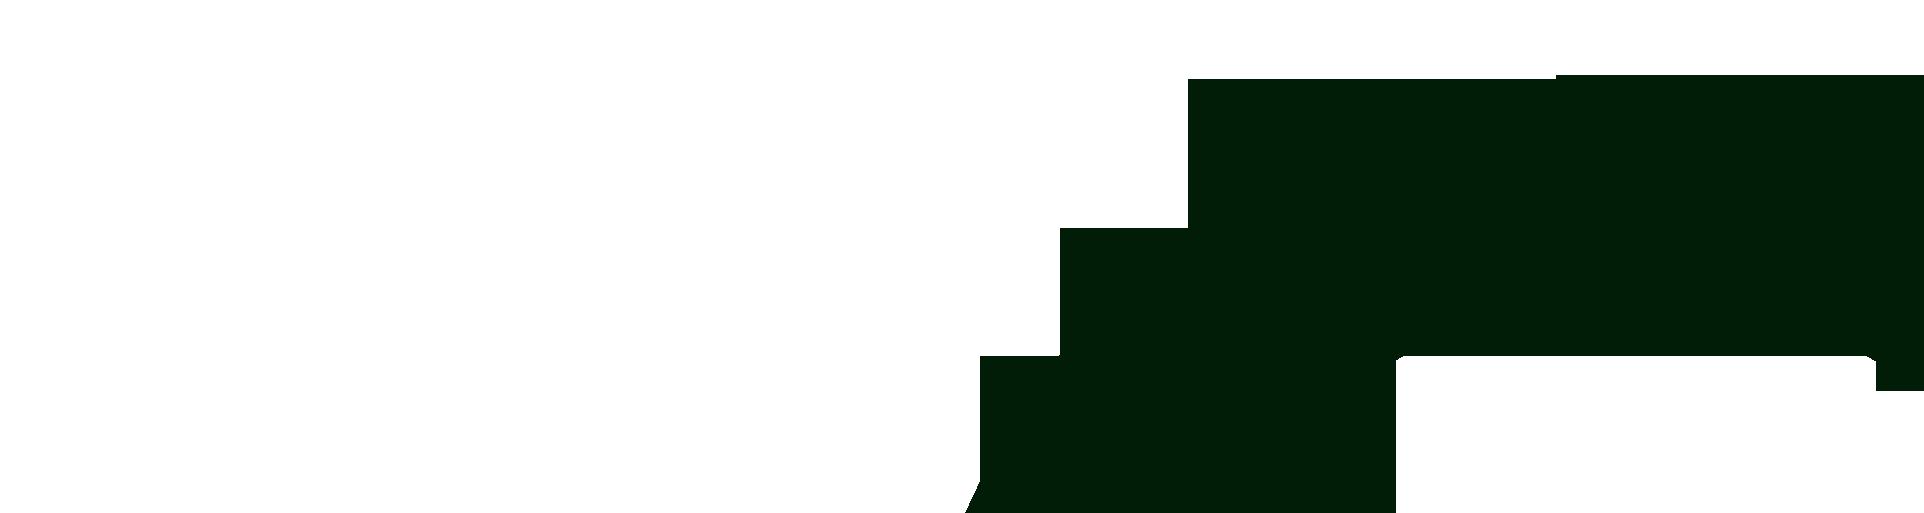 Slider_AG_cerchio_01_flip.png